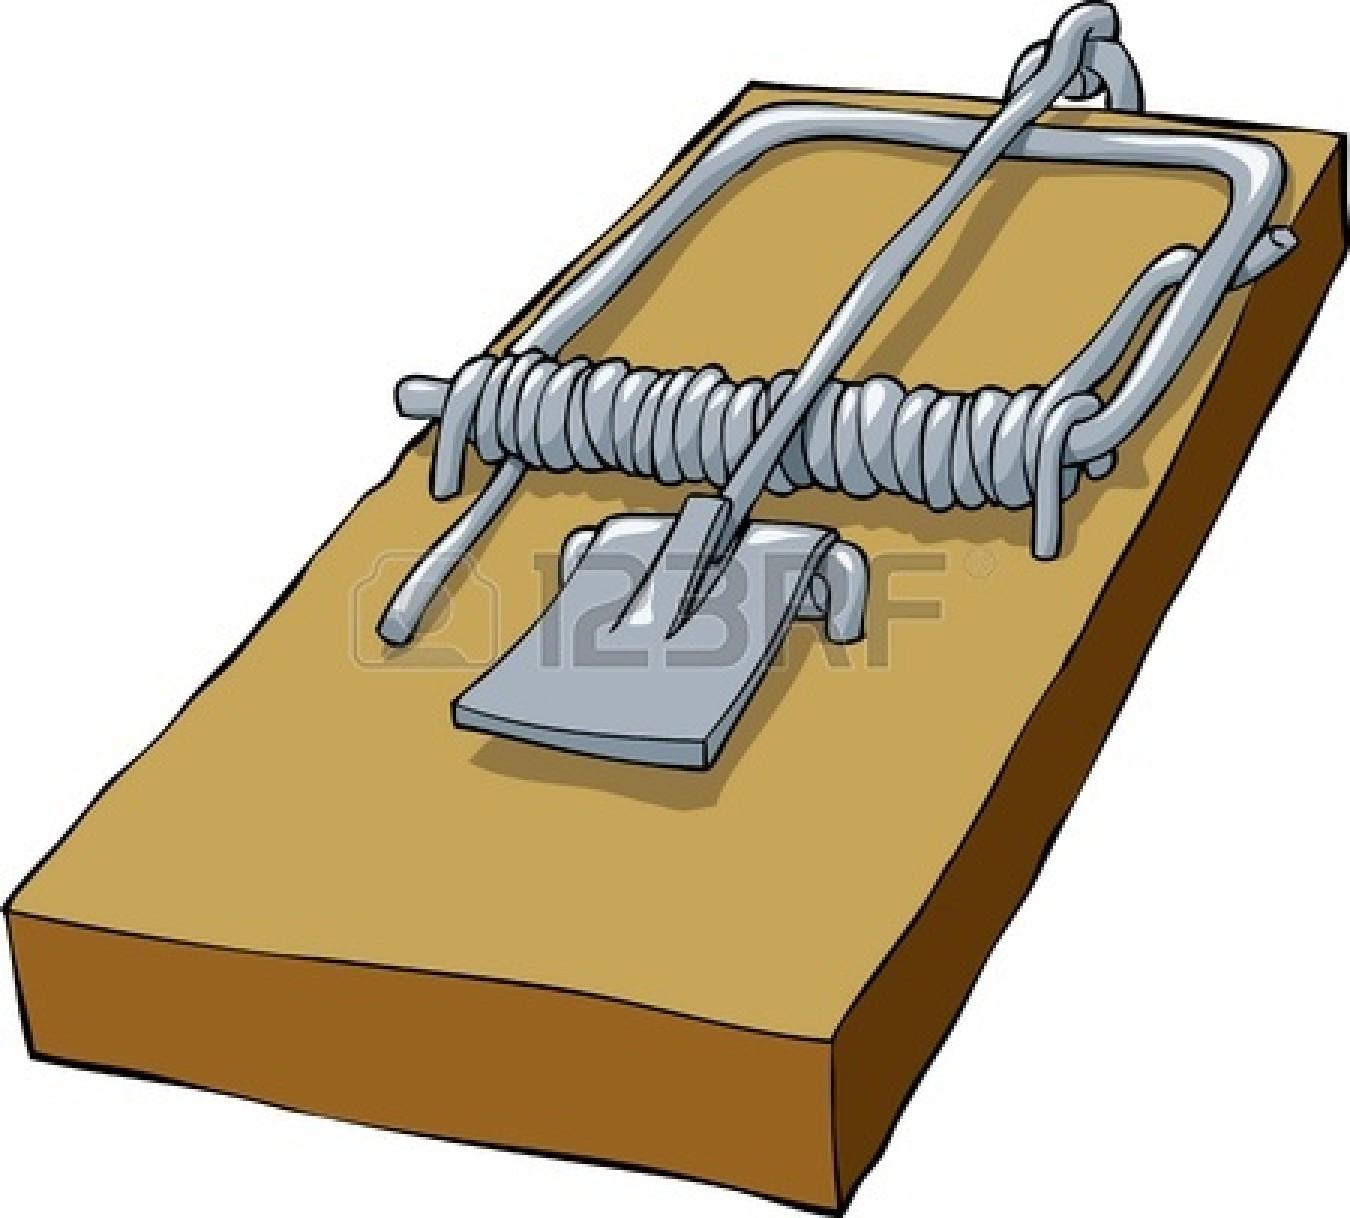 mousetrap clip art - photo #1